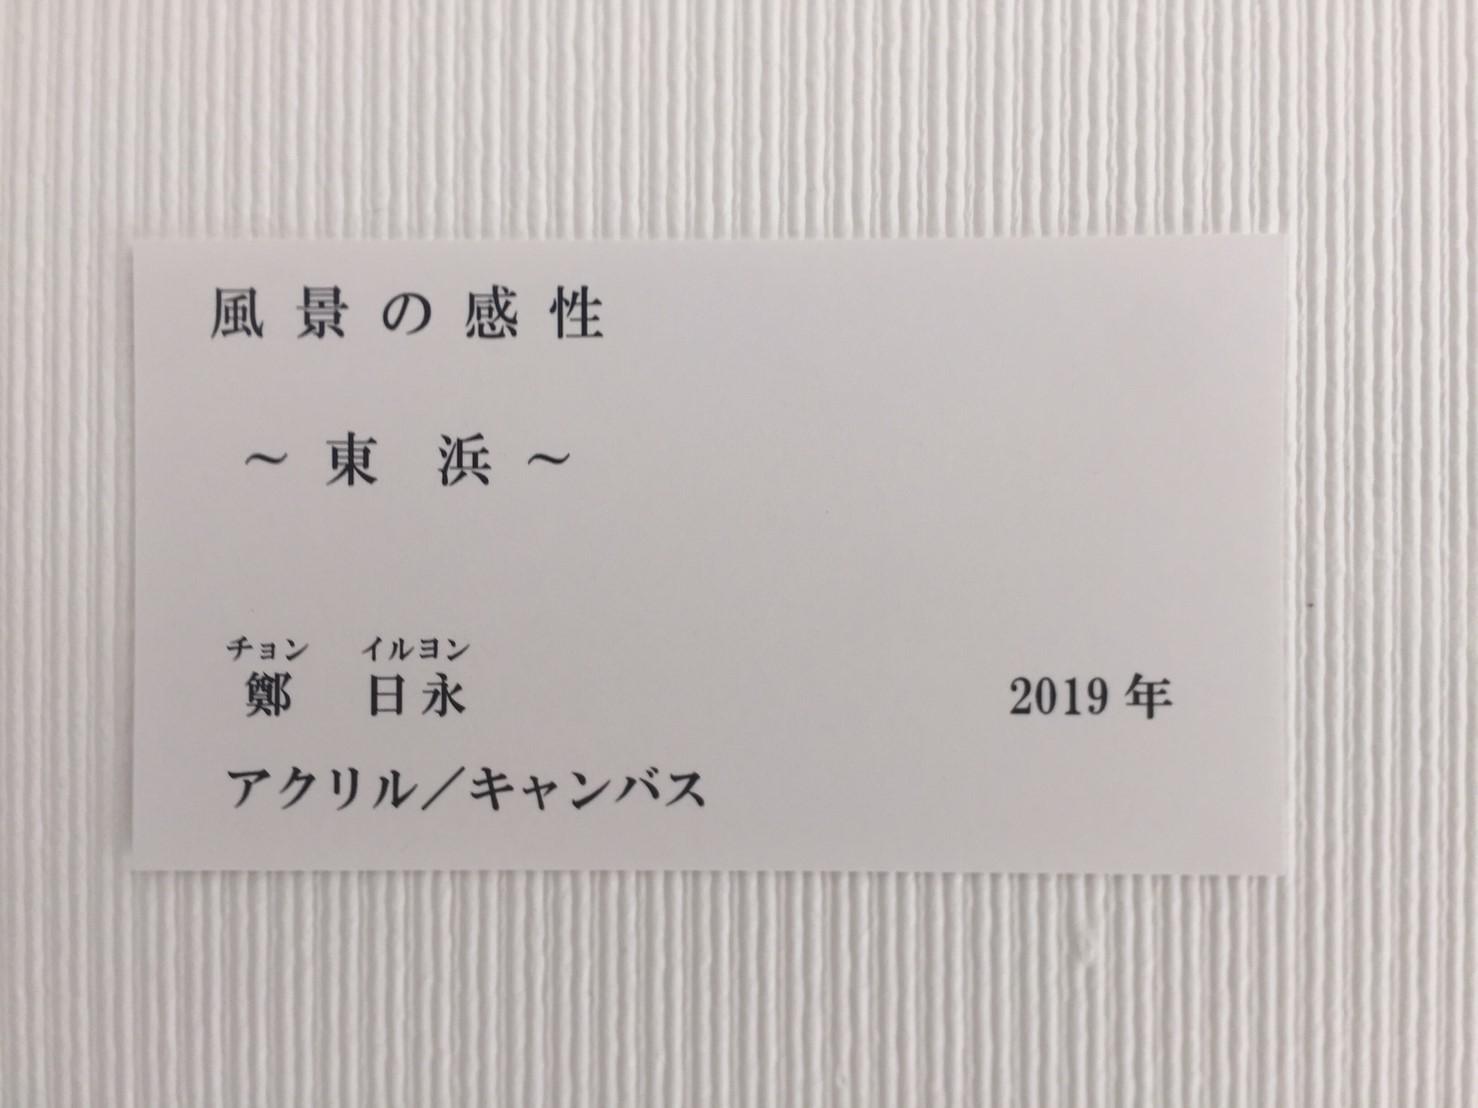 岩美現代美術展 2019_e0115904_01311150.jpg